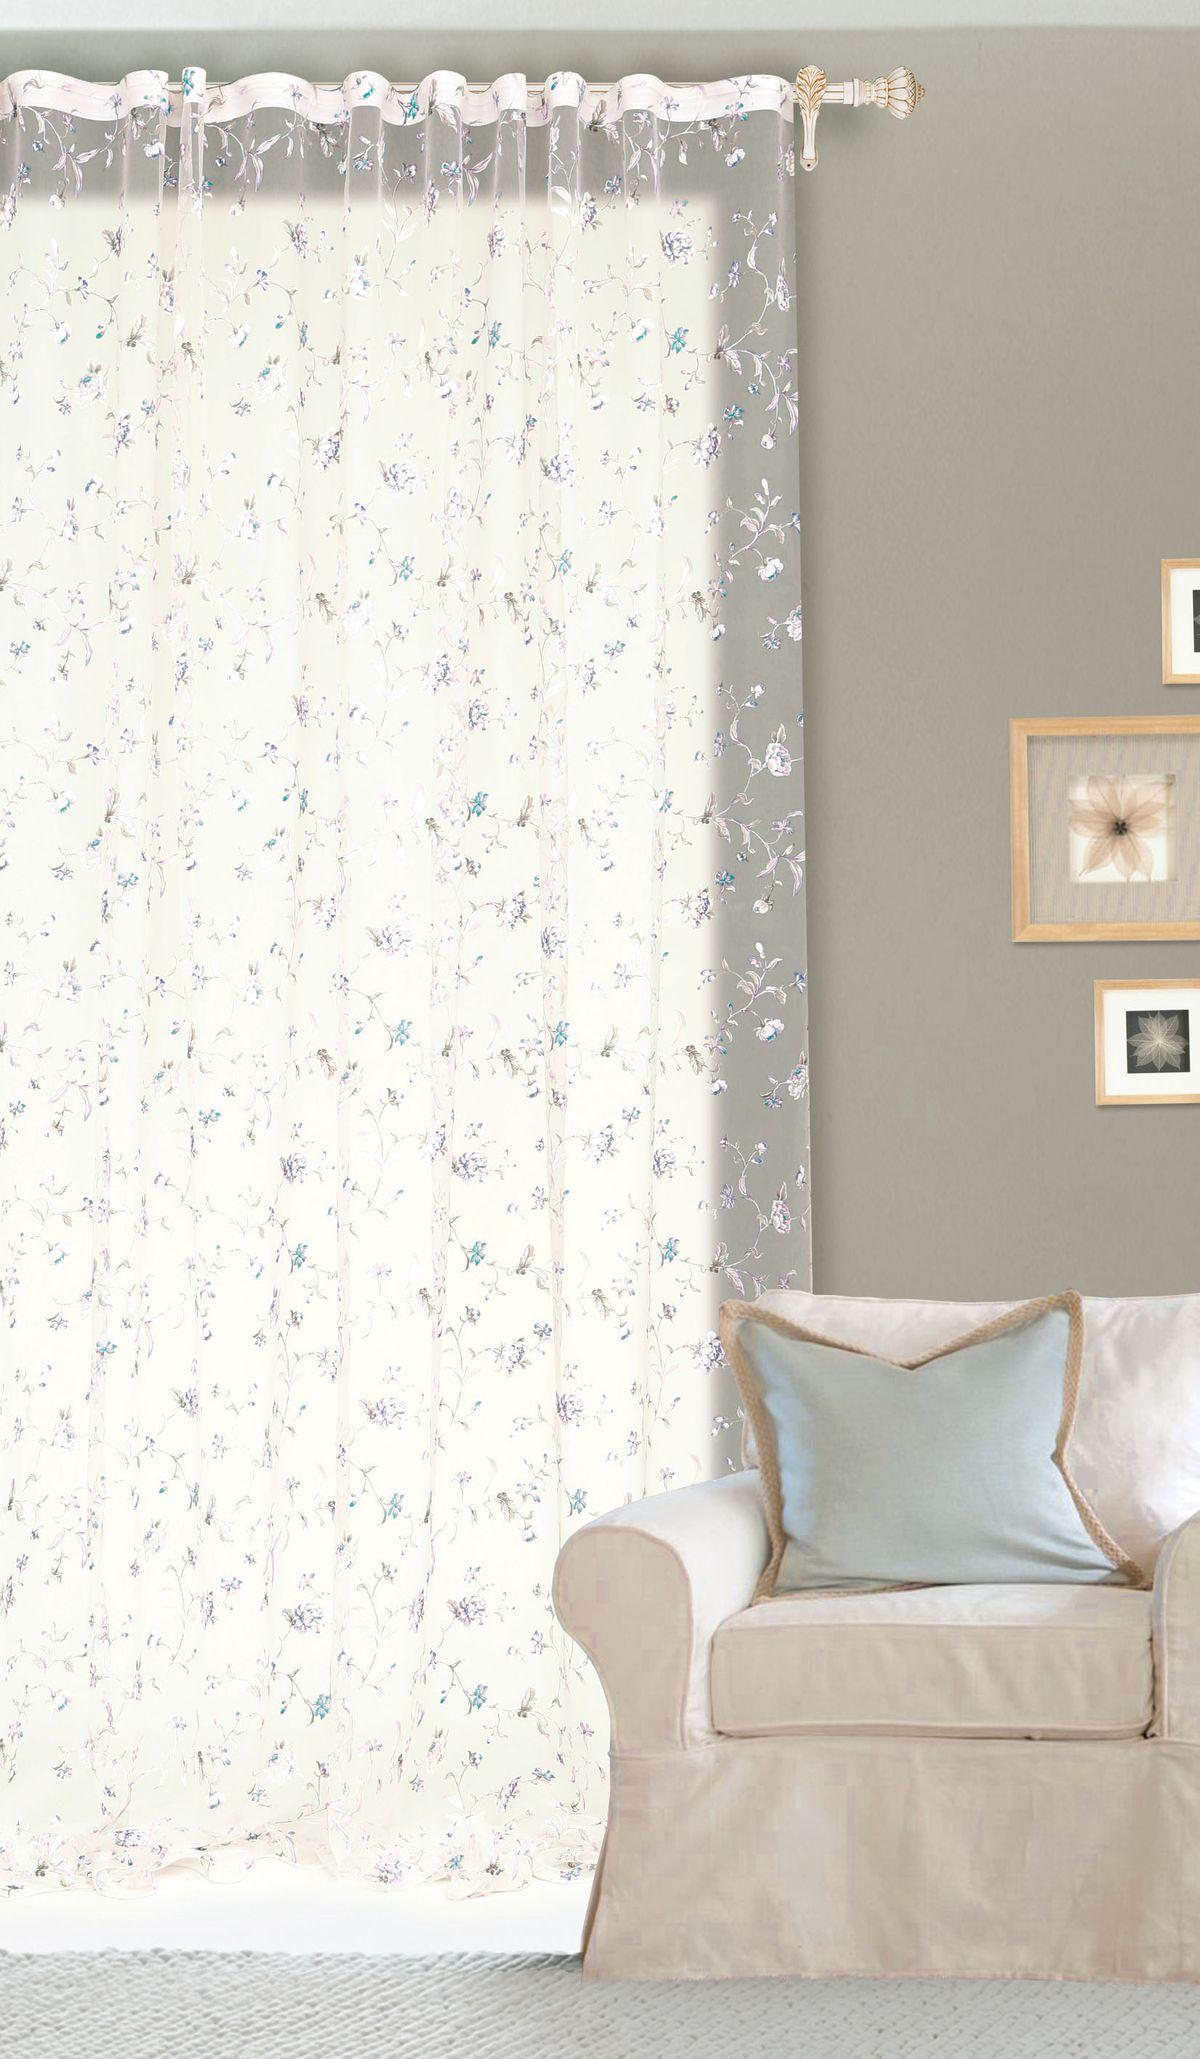 Штора готовая Garden, на ленте, цвет: белый, 300х260 см. С 10250 - W260 V5